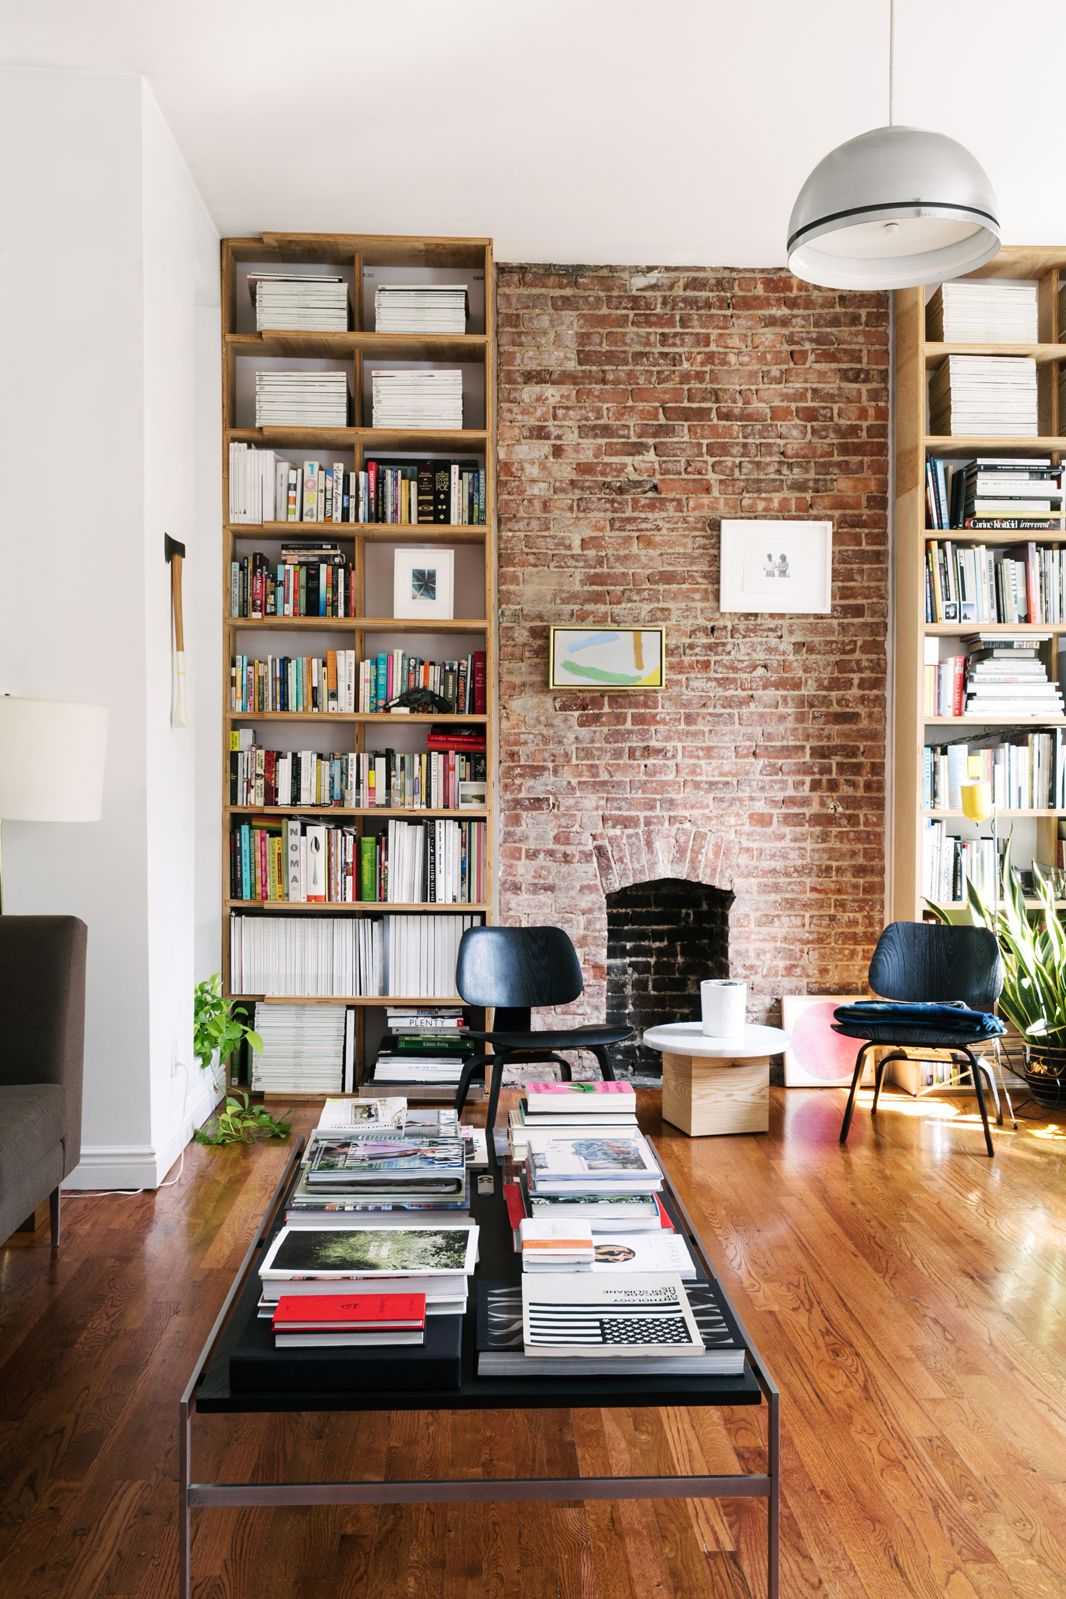 7 conseils pour aménager un mur en bibliothèque | le blog déco de l